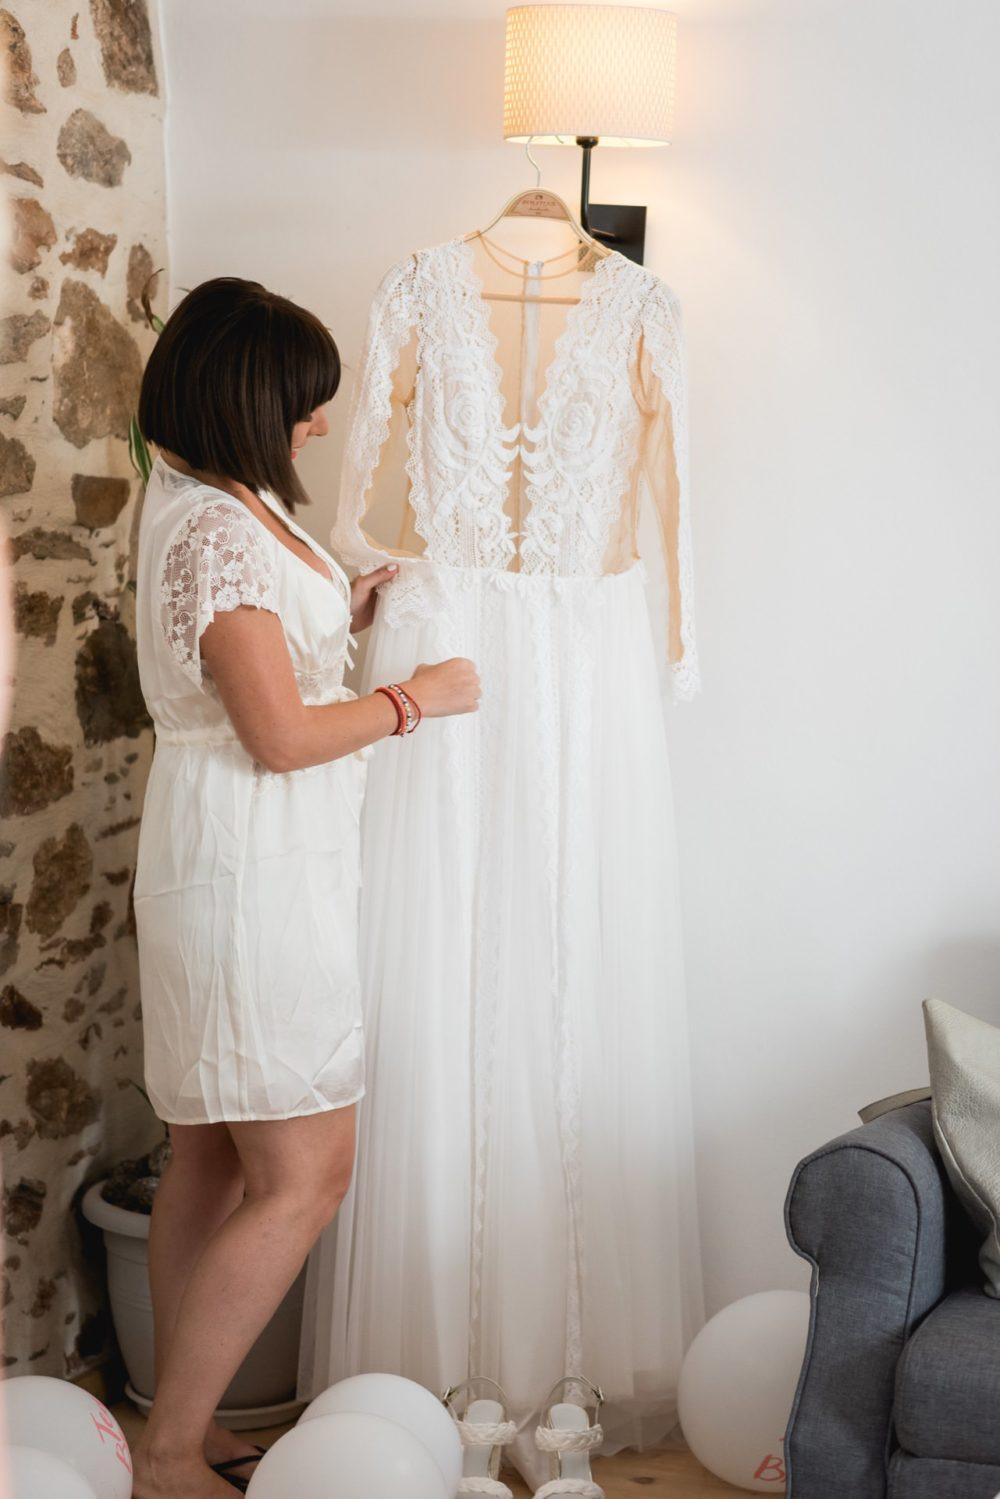 Fotografisi Gamou Wedding Gamos Fotografos Alekos & Mania061